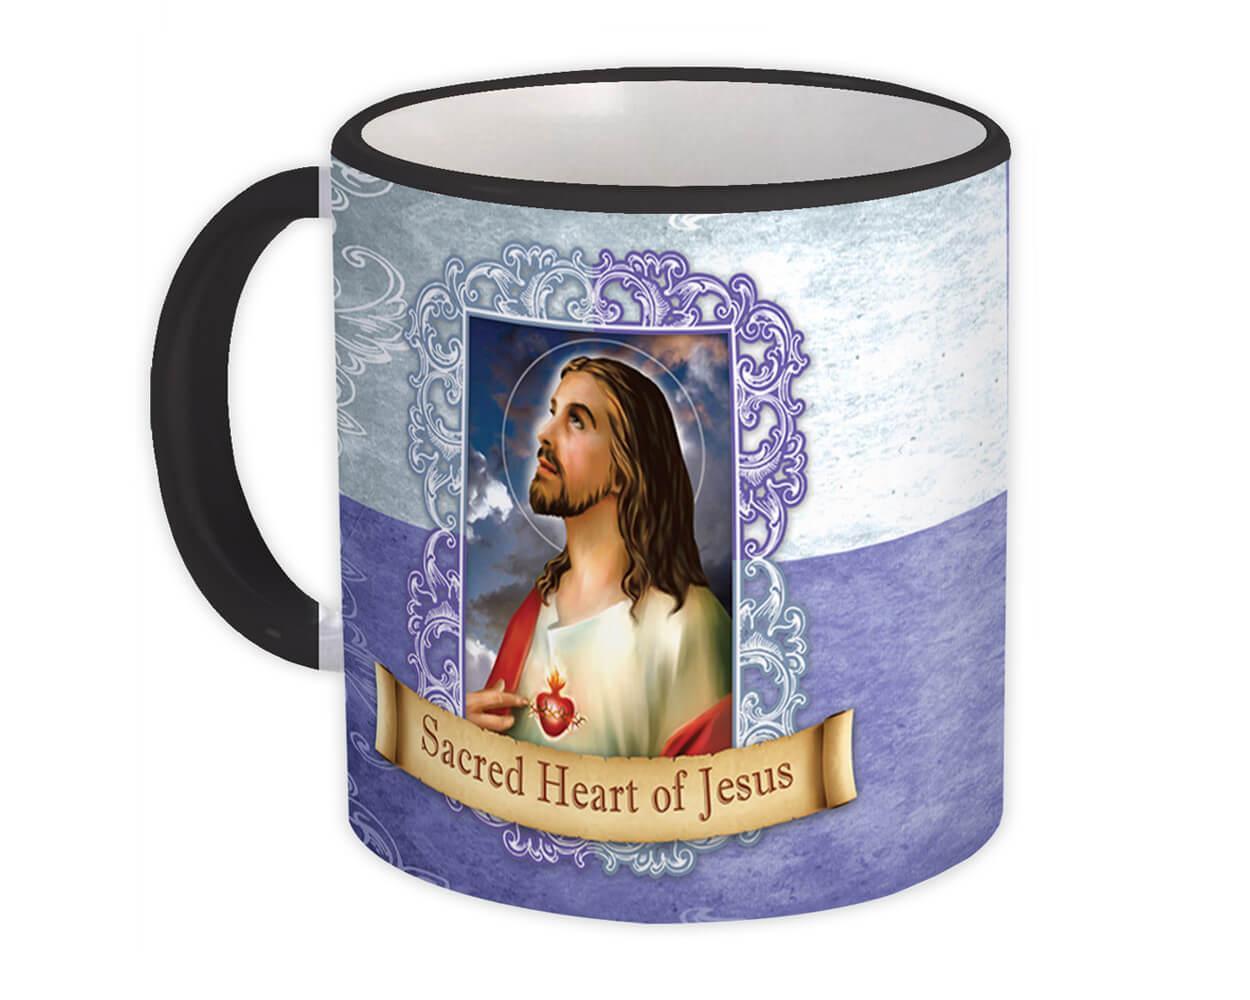 Sacred Heart of Jesus : Gift Mug Catholic Religious Saint